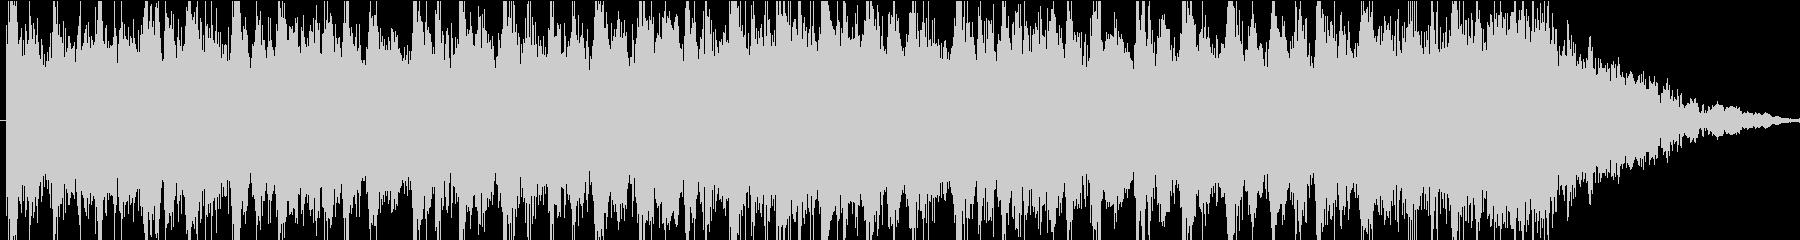 ティーン ポップ テクノ 邦楽 K...の未再生の波形